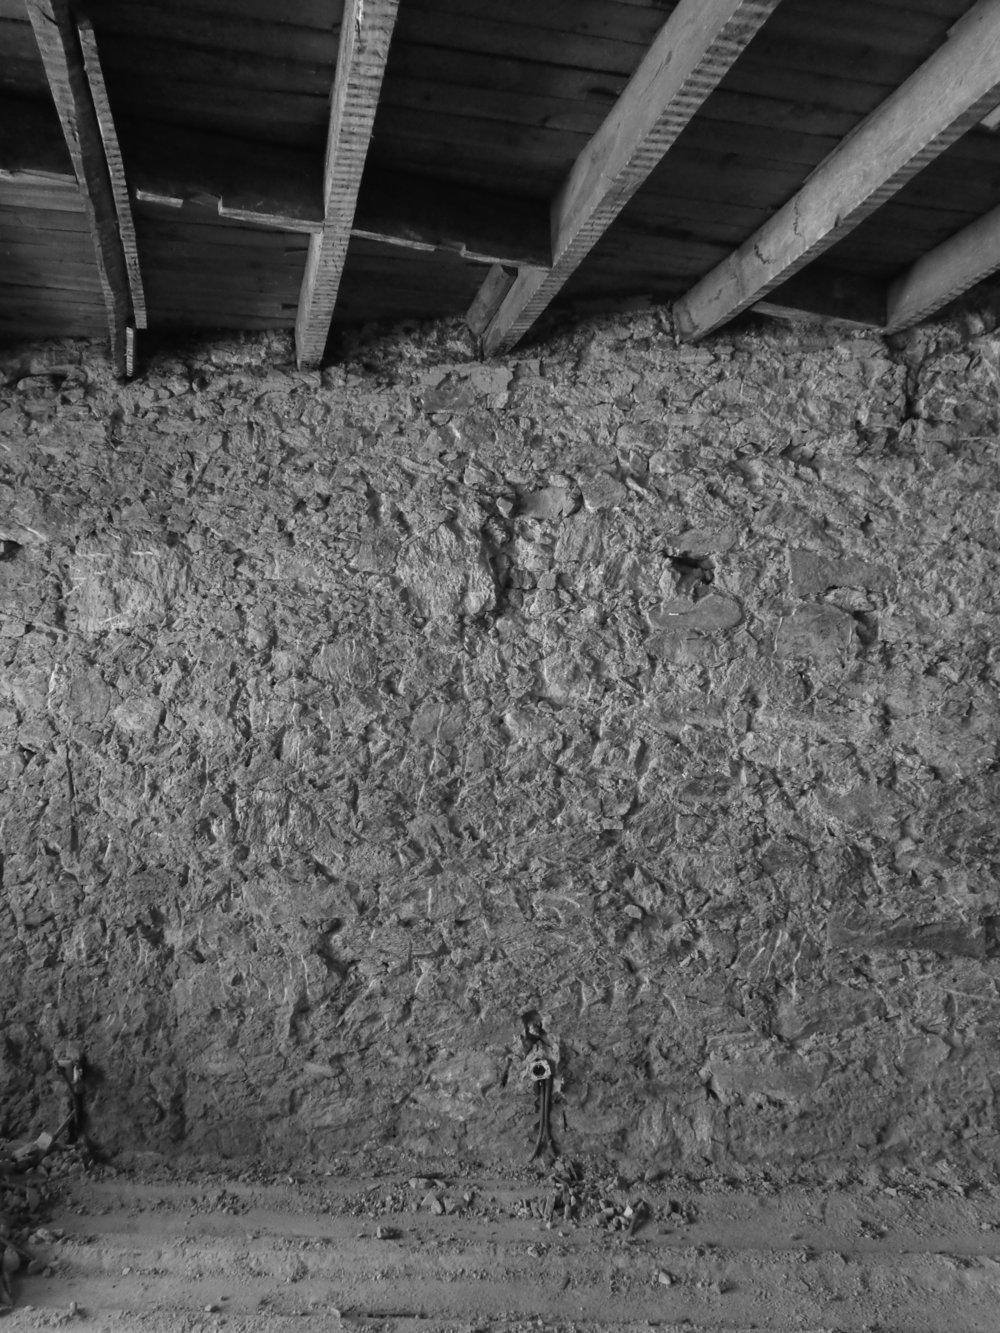 decoracao de interiores sao joao da madeira : decoracao de interiores sao joao da madeira: – são joão da madeira – remodelação – arquitectos porto (3).jpg